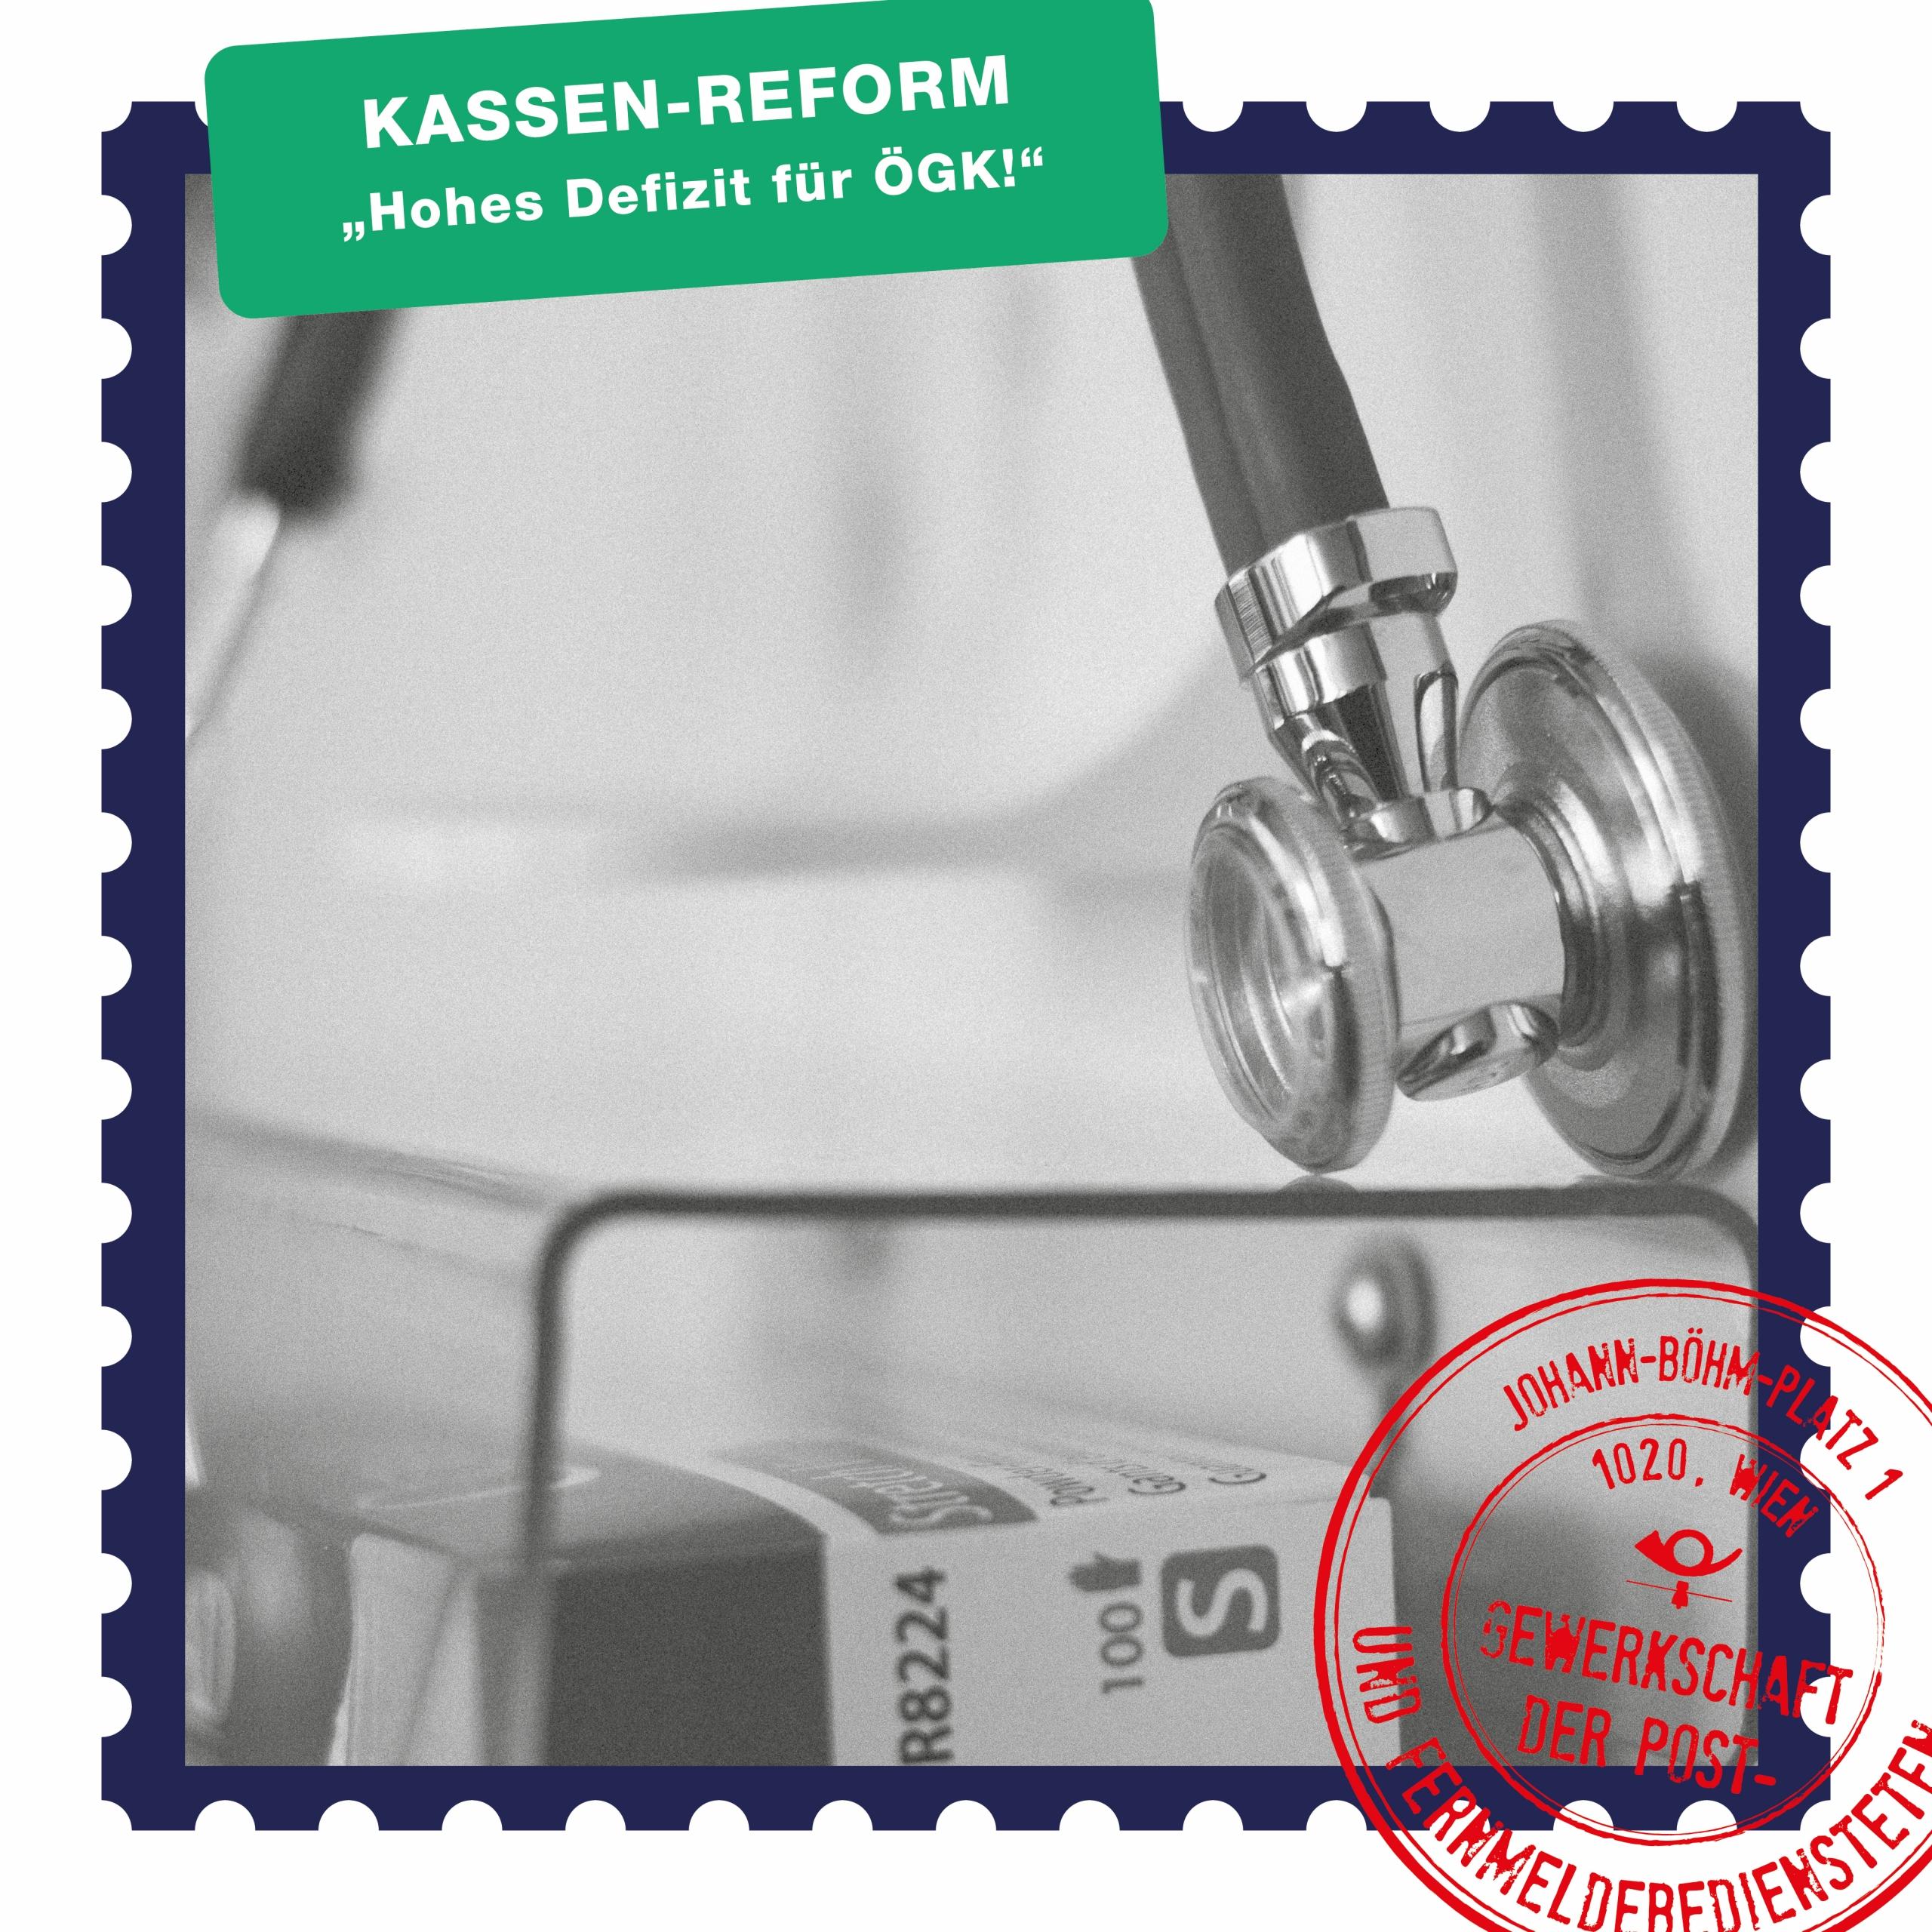 Kassen-Reform_Beitragsbild